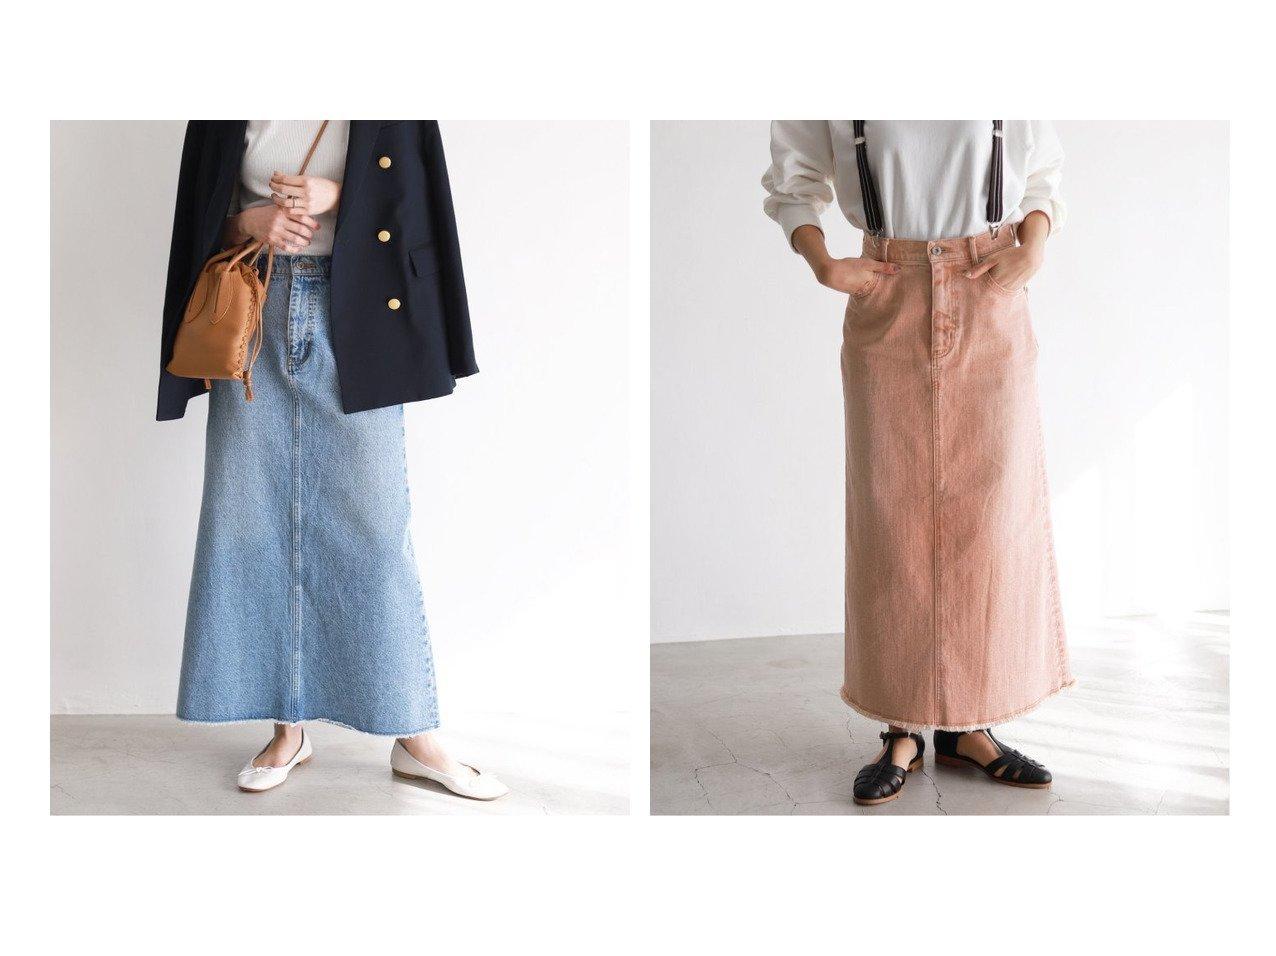 【SLOBE IENA/スローブ イエナ】のLE DENIM×MARITAS マーメイドスカート&LE DENIM×MARITAS カラーマーメイドスカート スカートのおすすめ!人気、トレンド・レディースファッションの通販 おすすめで人気の流行・トレンド、ファッションの通販商品 メンズファッション・キッズファッション・インテリア・家具・レディースファッション・服の通販 founy(ファニー) https://founy.com/ ファッション Fashion レディースファッション WOMEN スカート Skirt 春 Spring カットオフ コラボ デニム 定番 Standard フェミニン マーメイド A/W 秋冬 AW Autumn/Winter / FW Fall-Winter 2020年 2020 再入荷 Restock/Back in Stock/Re Arrival 2020-2021 秋冬 A/W AW Autumn/Winter / FW Fall-Winter 2020-2021 おすすめ Recommend  ID:crp329100000022460